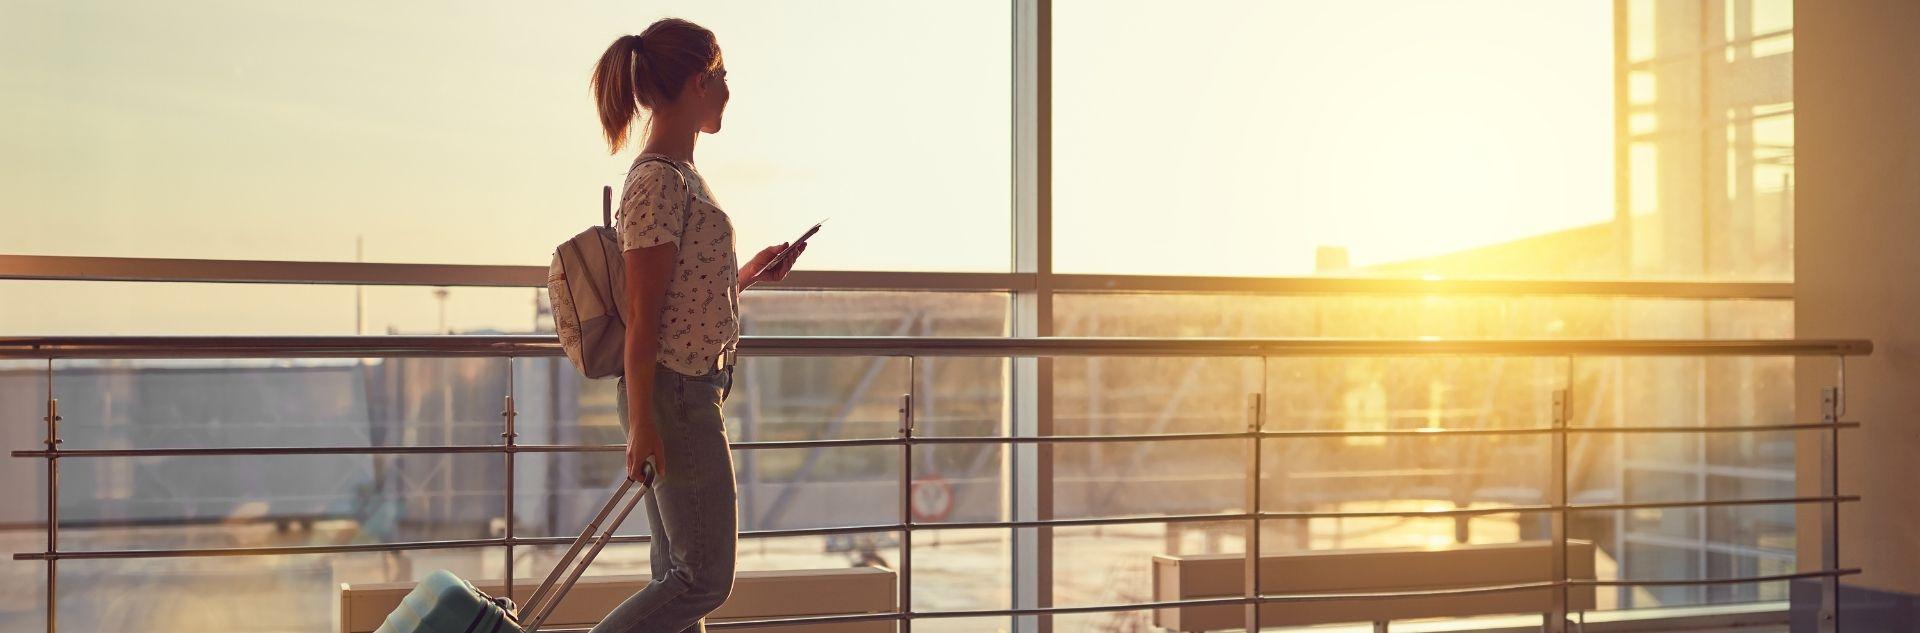 Frau am Flughafen mit Koffer, Sonnenuntergang